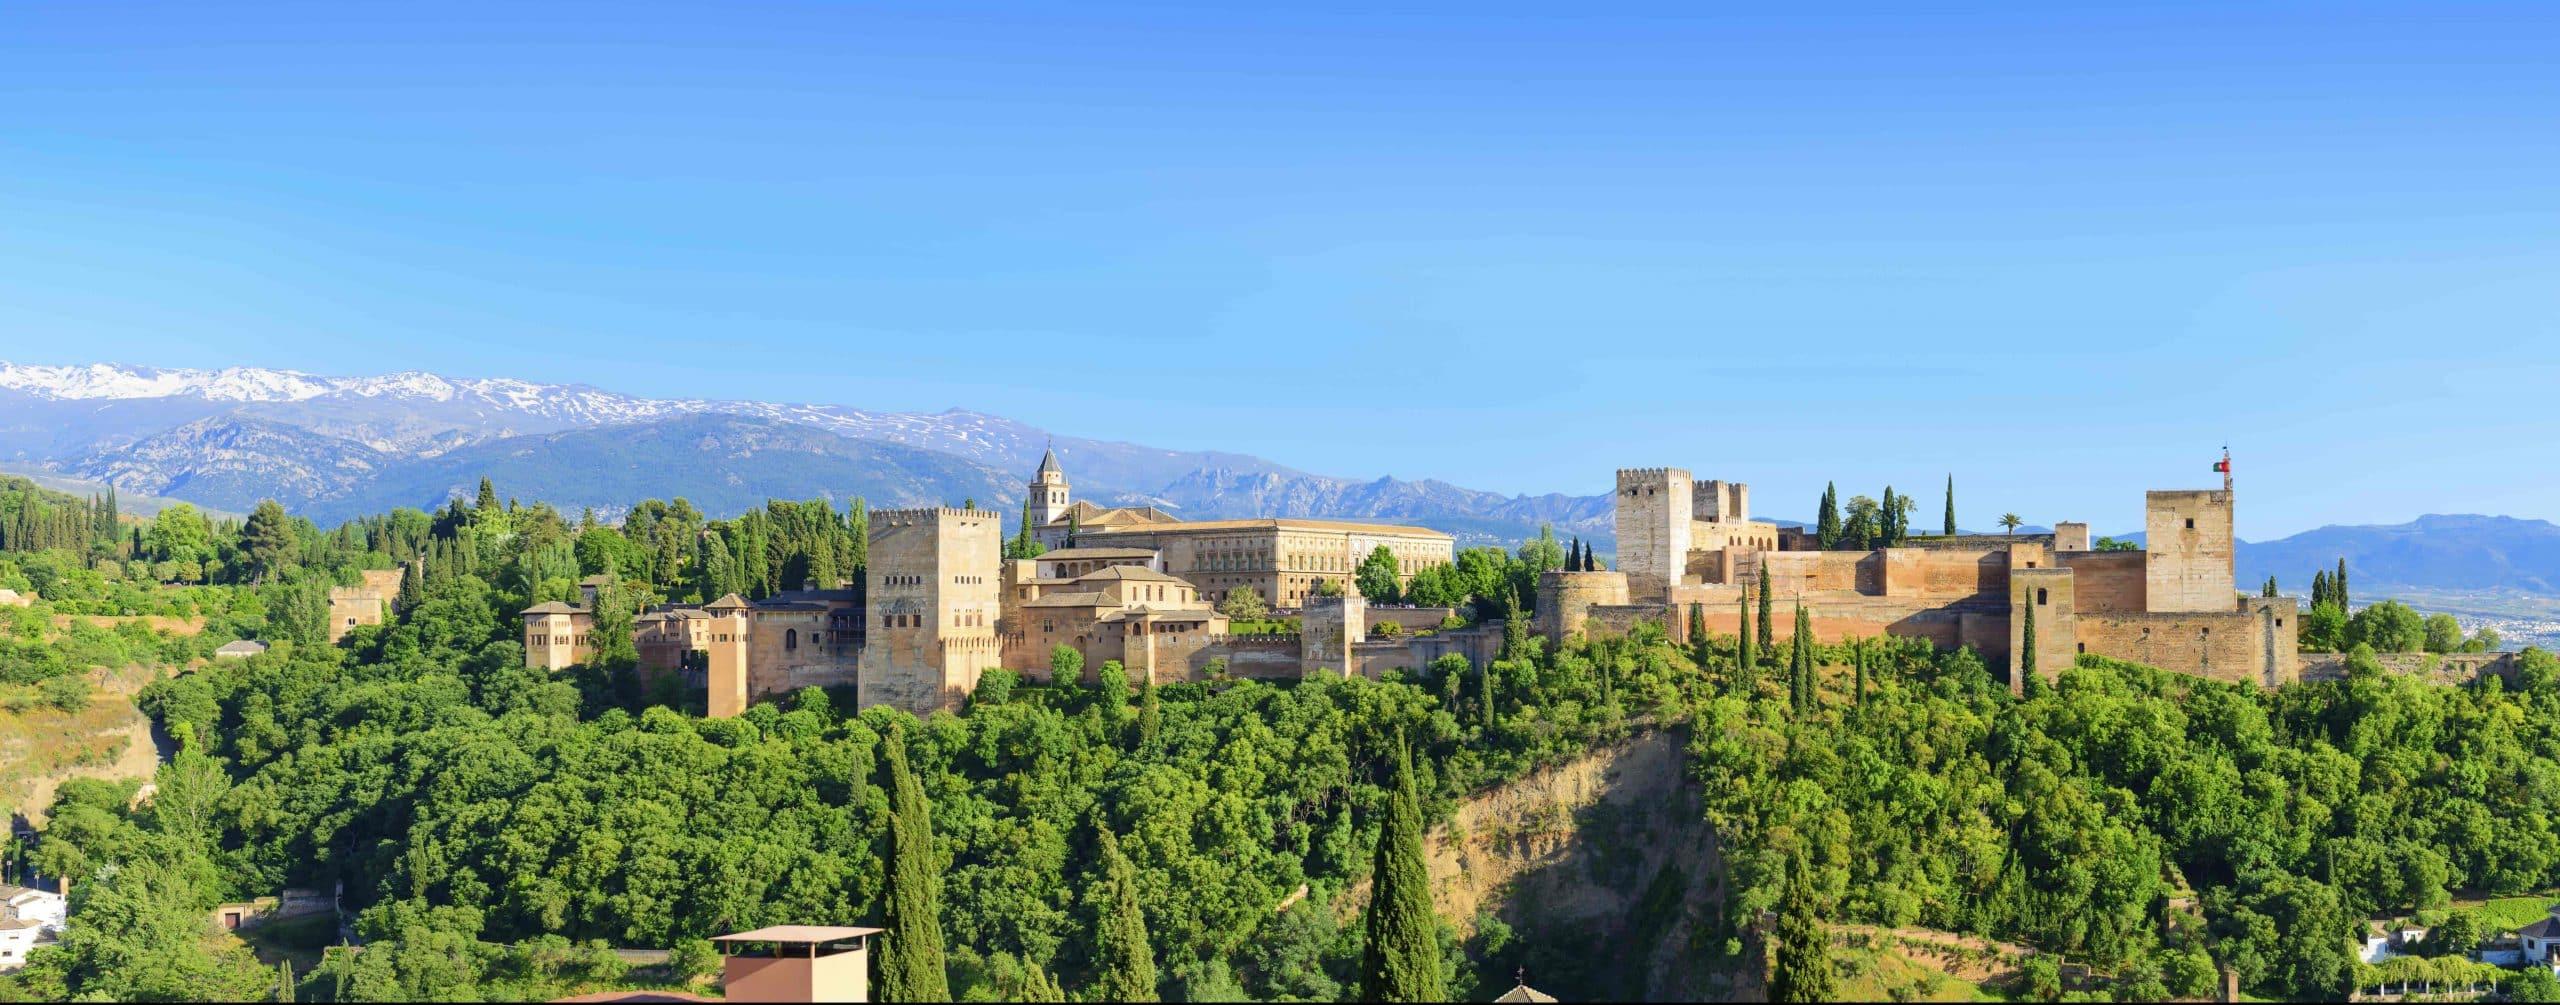 Alhambra paladset i Granada i Spanien